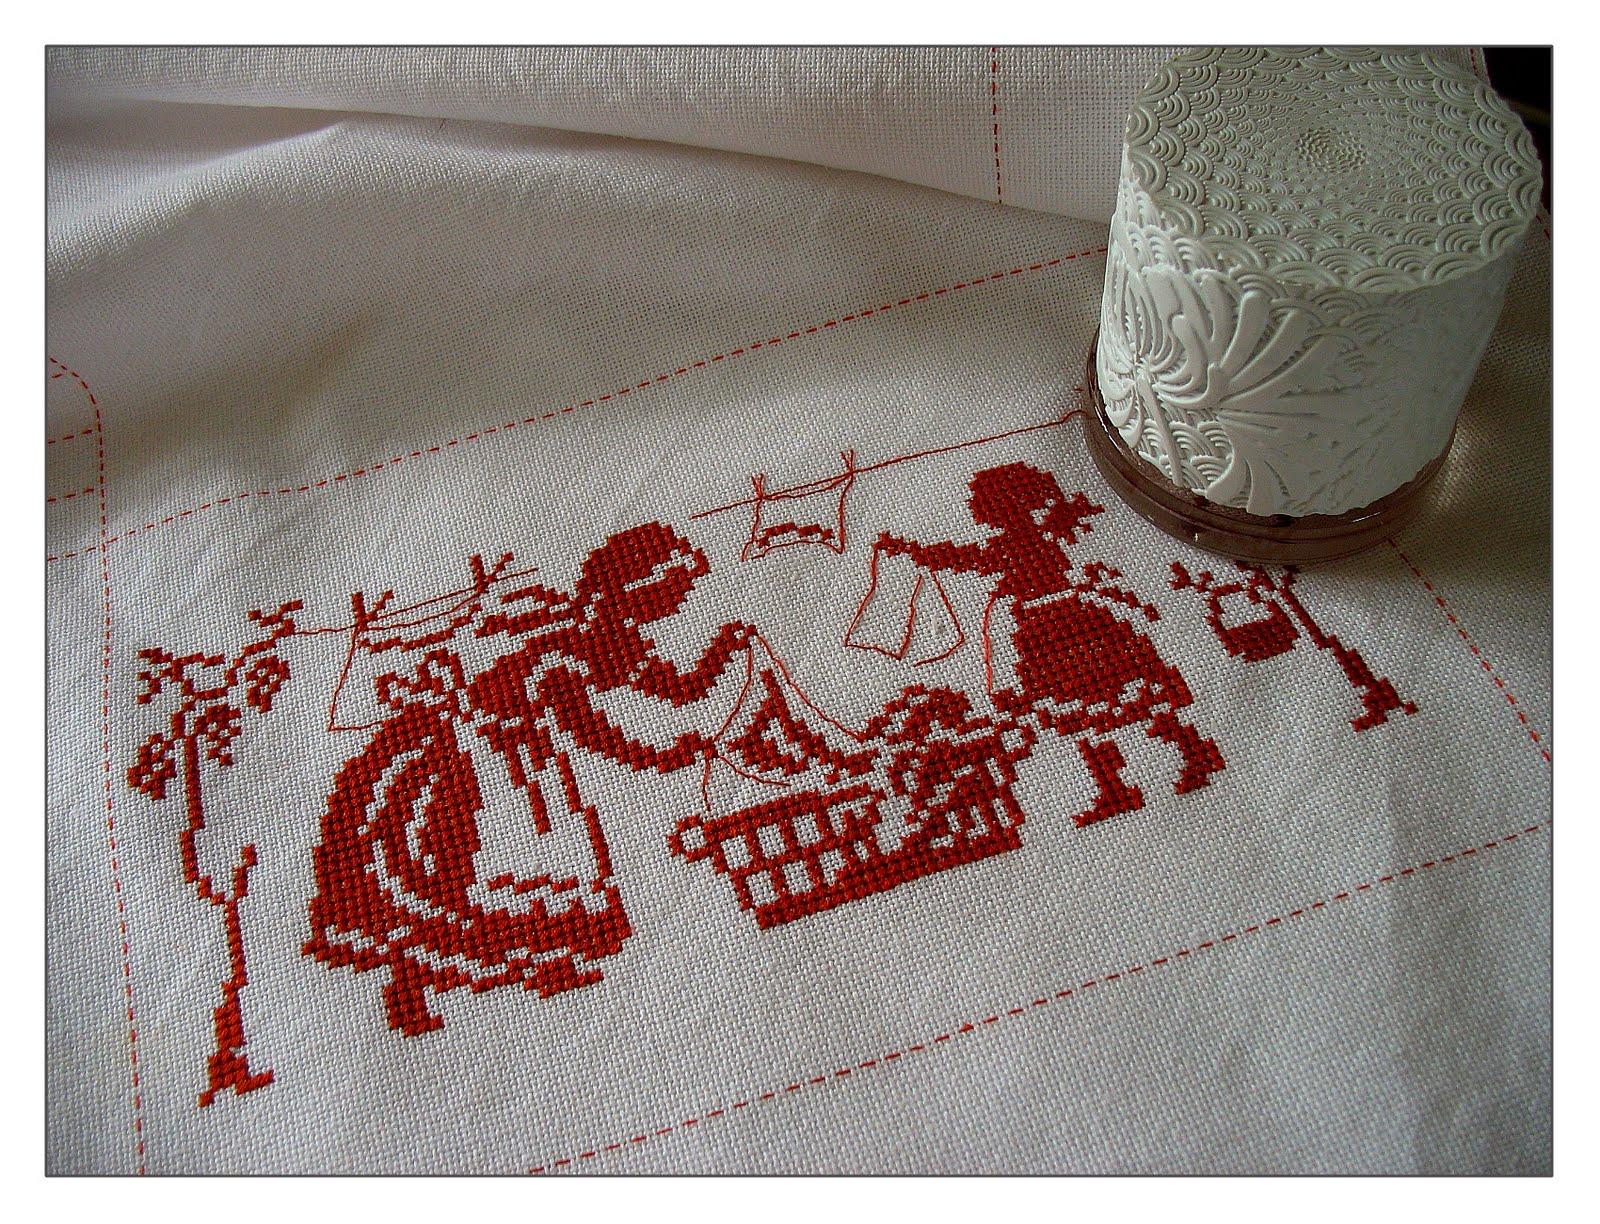 Сделать вышивку на полотенце 165